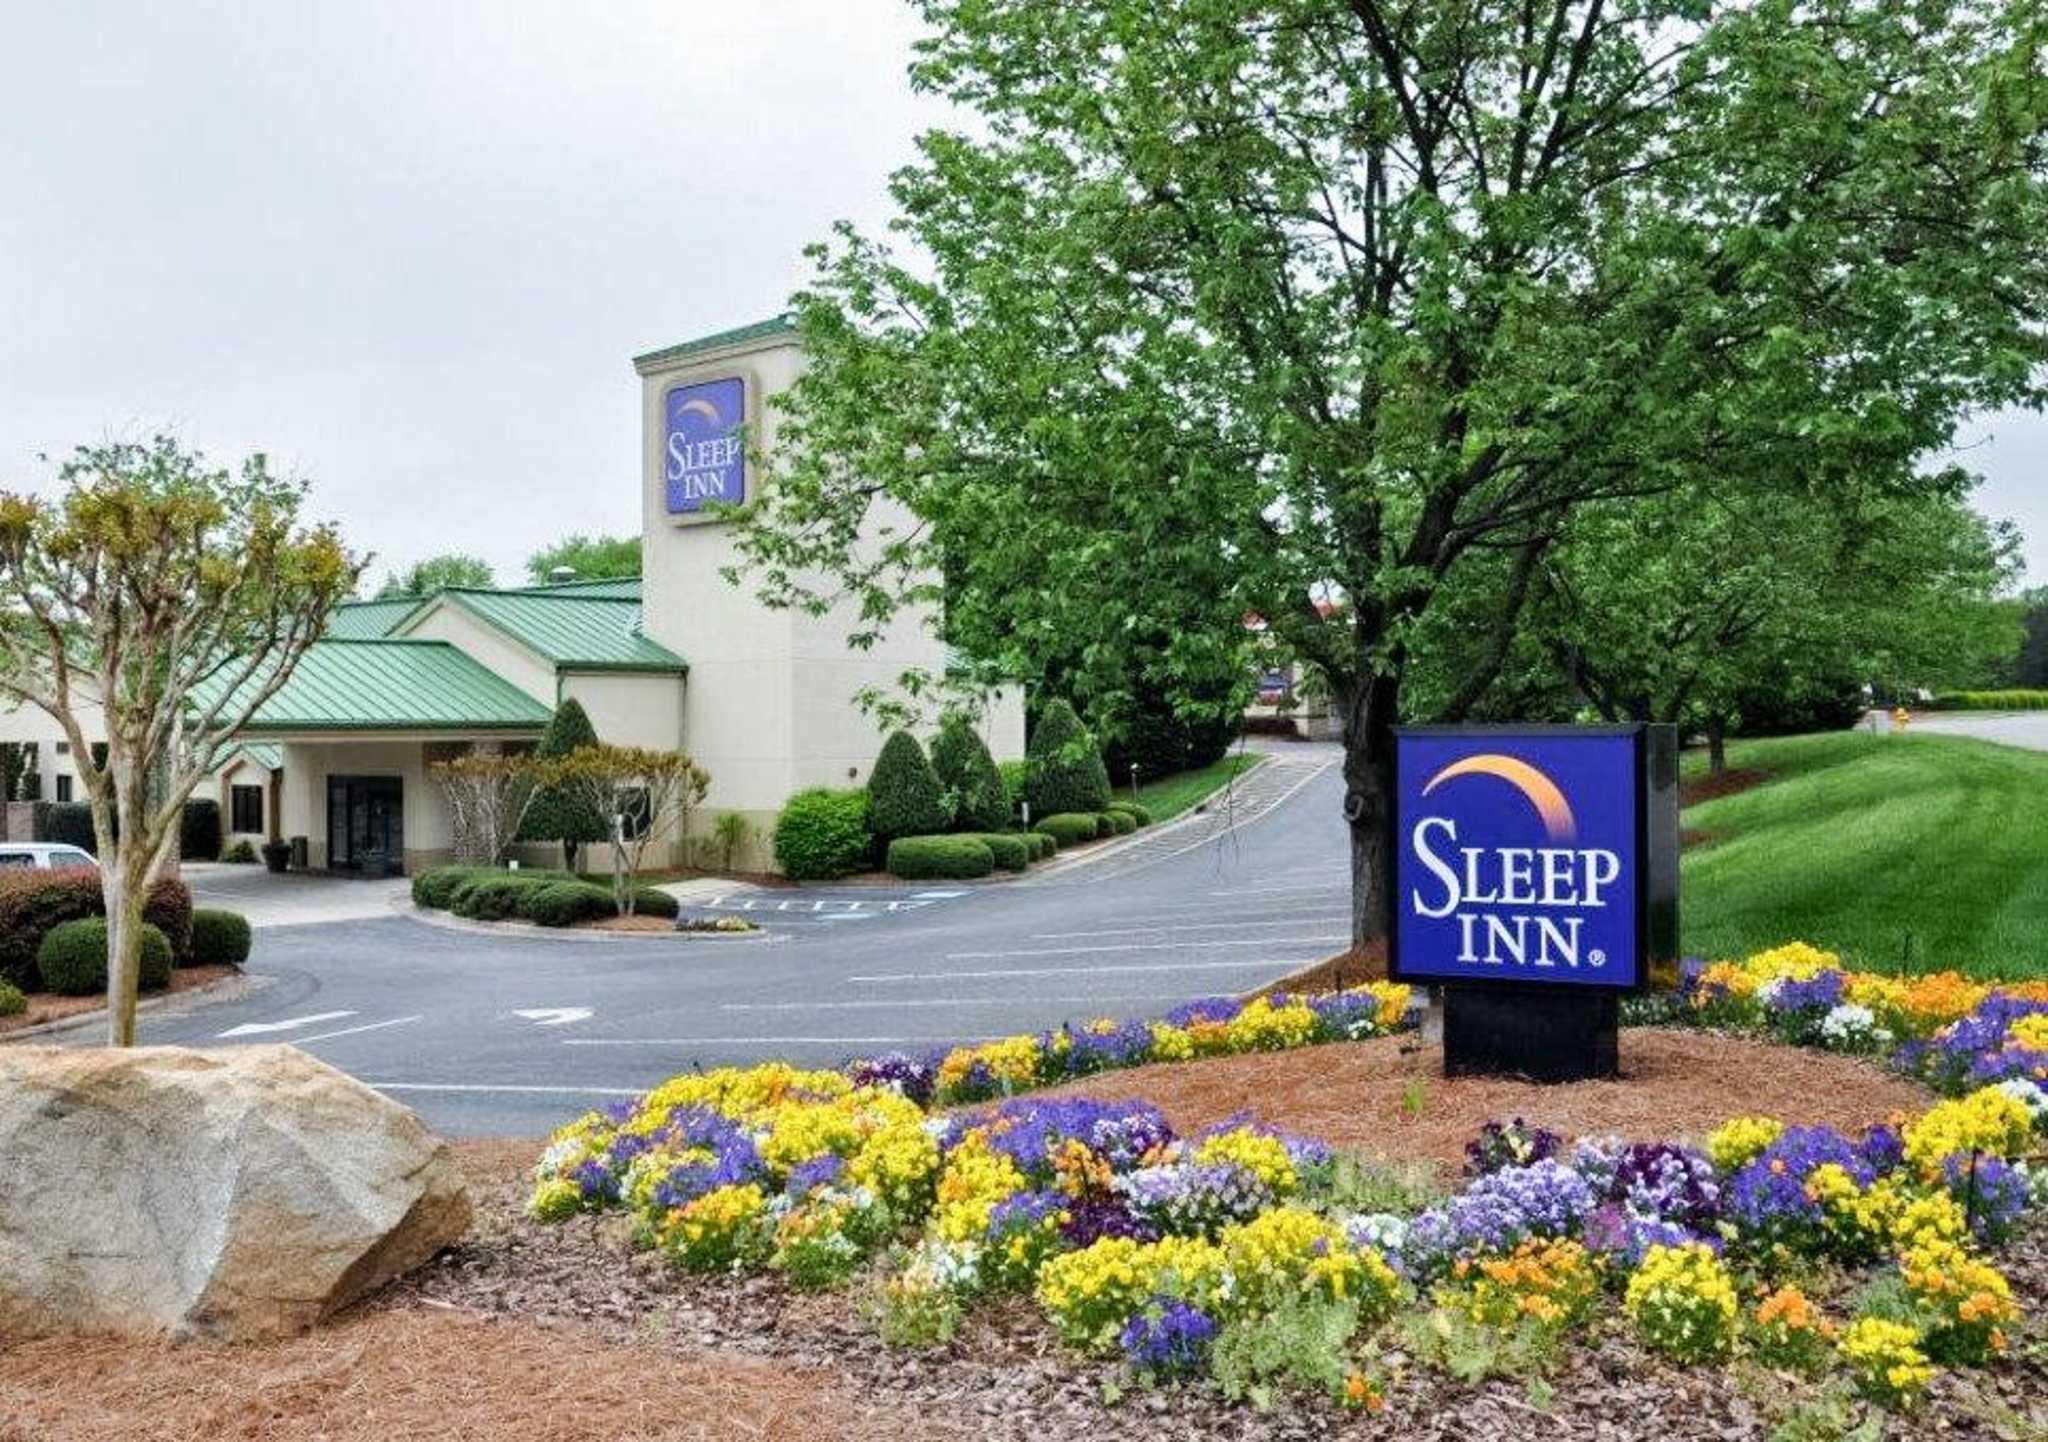 Sleep Inn image 1